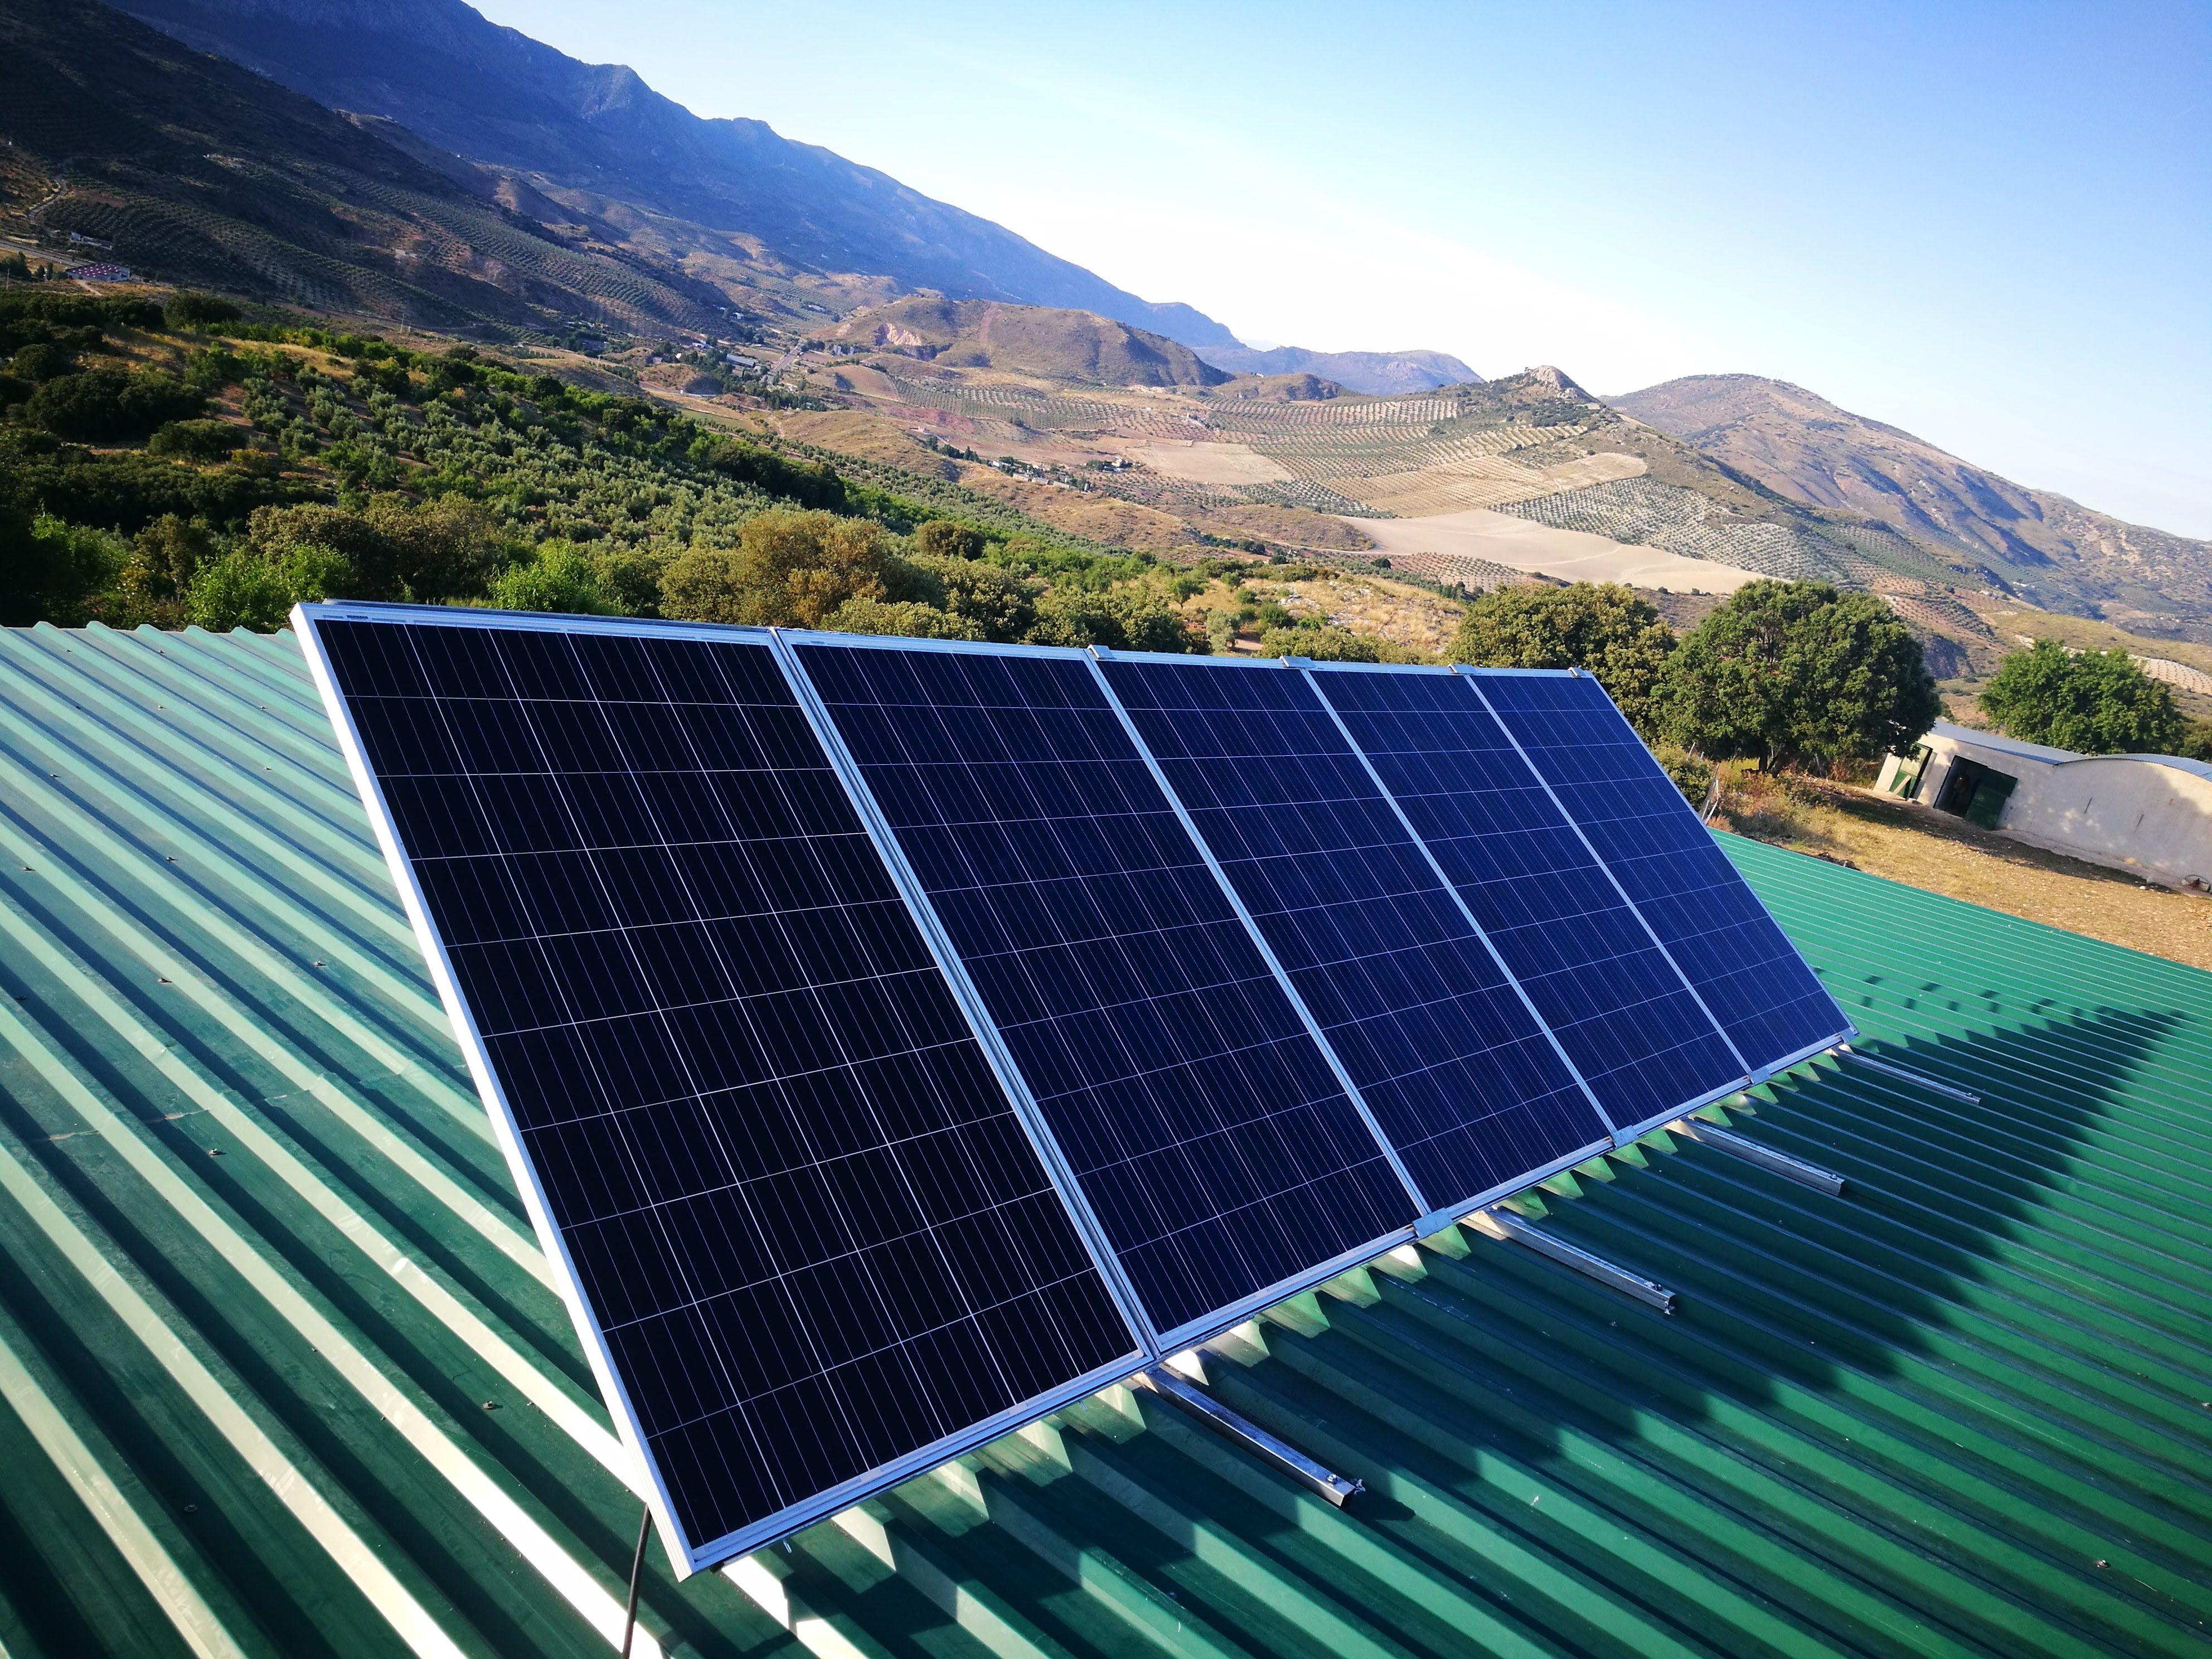 Energías renovables en Huelma, Jaén